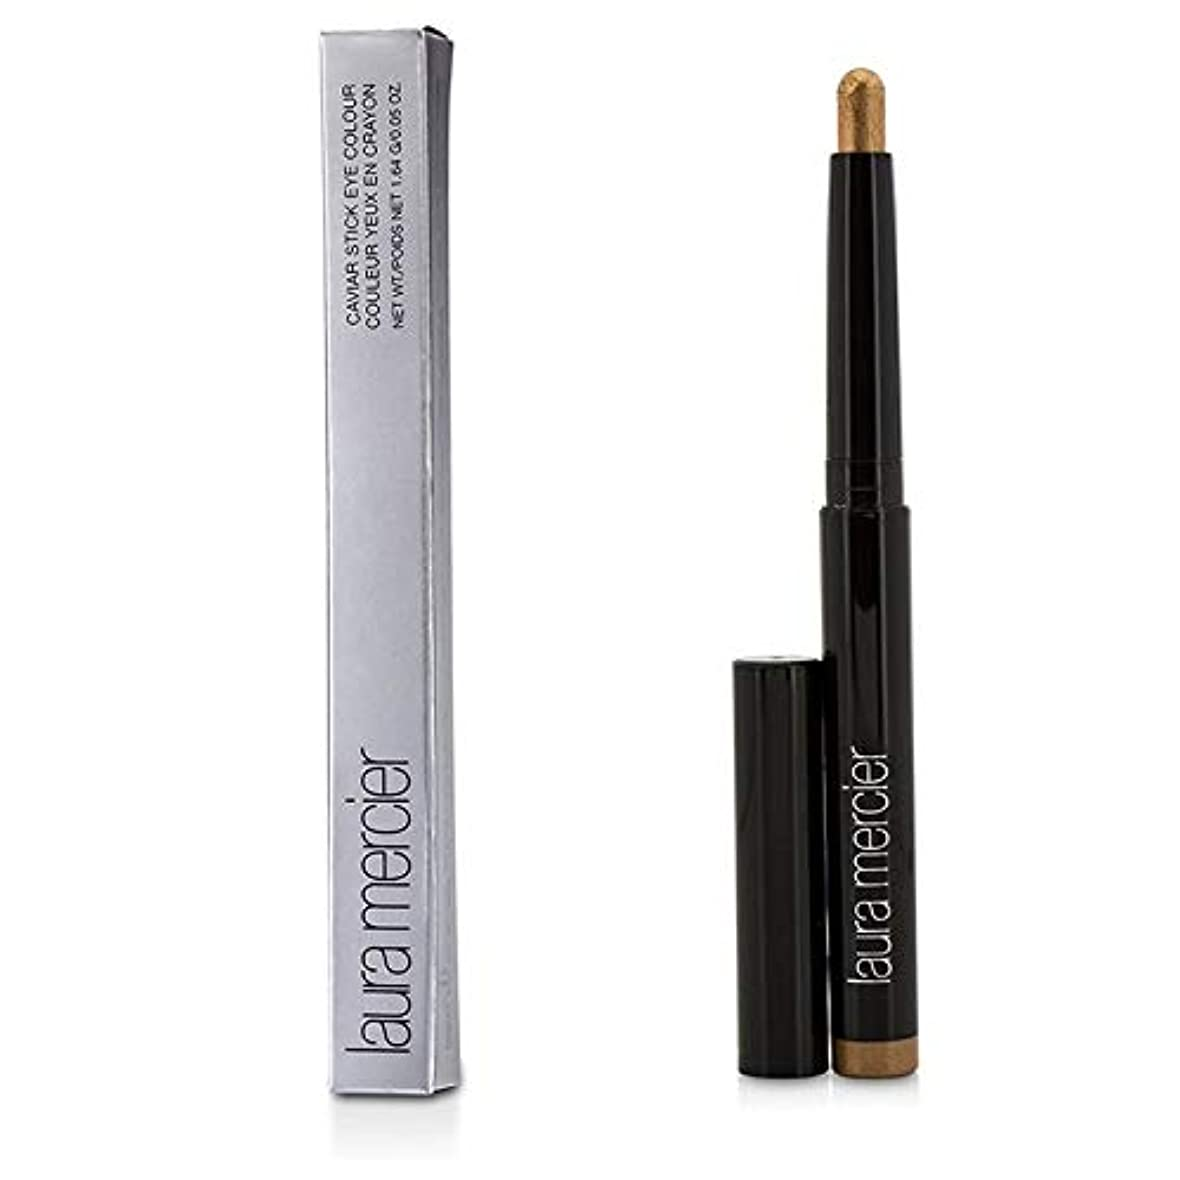 無視するパンチセットアップローラメルシエ Caviar Stick Eye Color - # Copper 1.64g/0.05oz並行輸入品